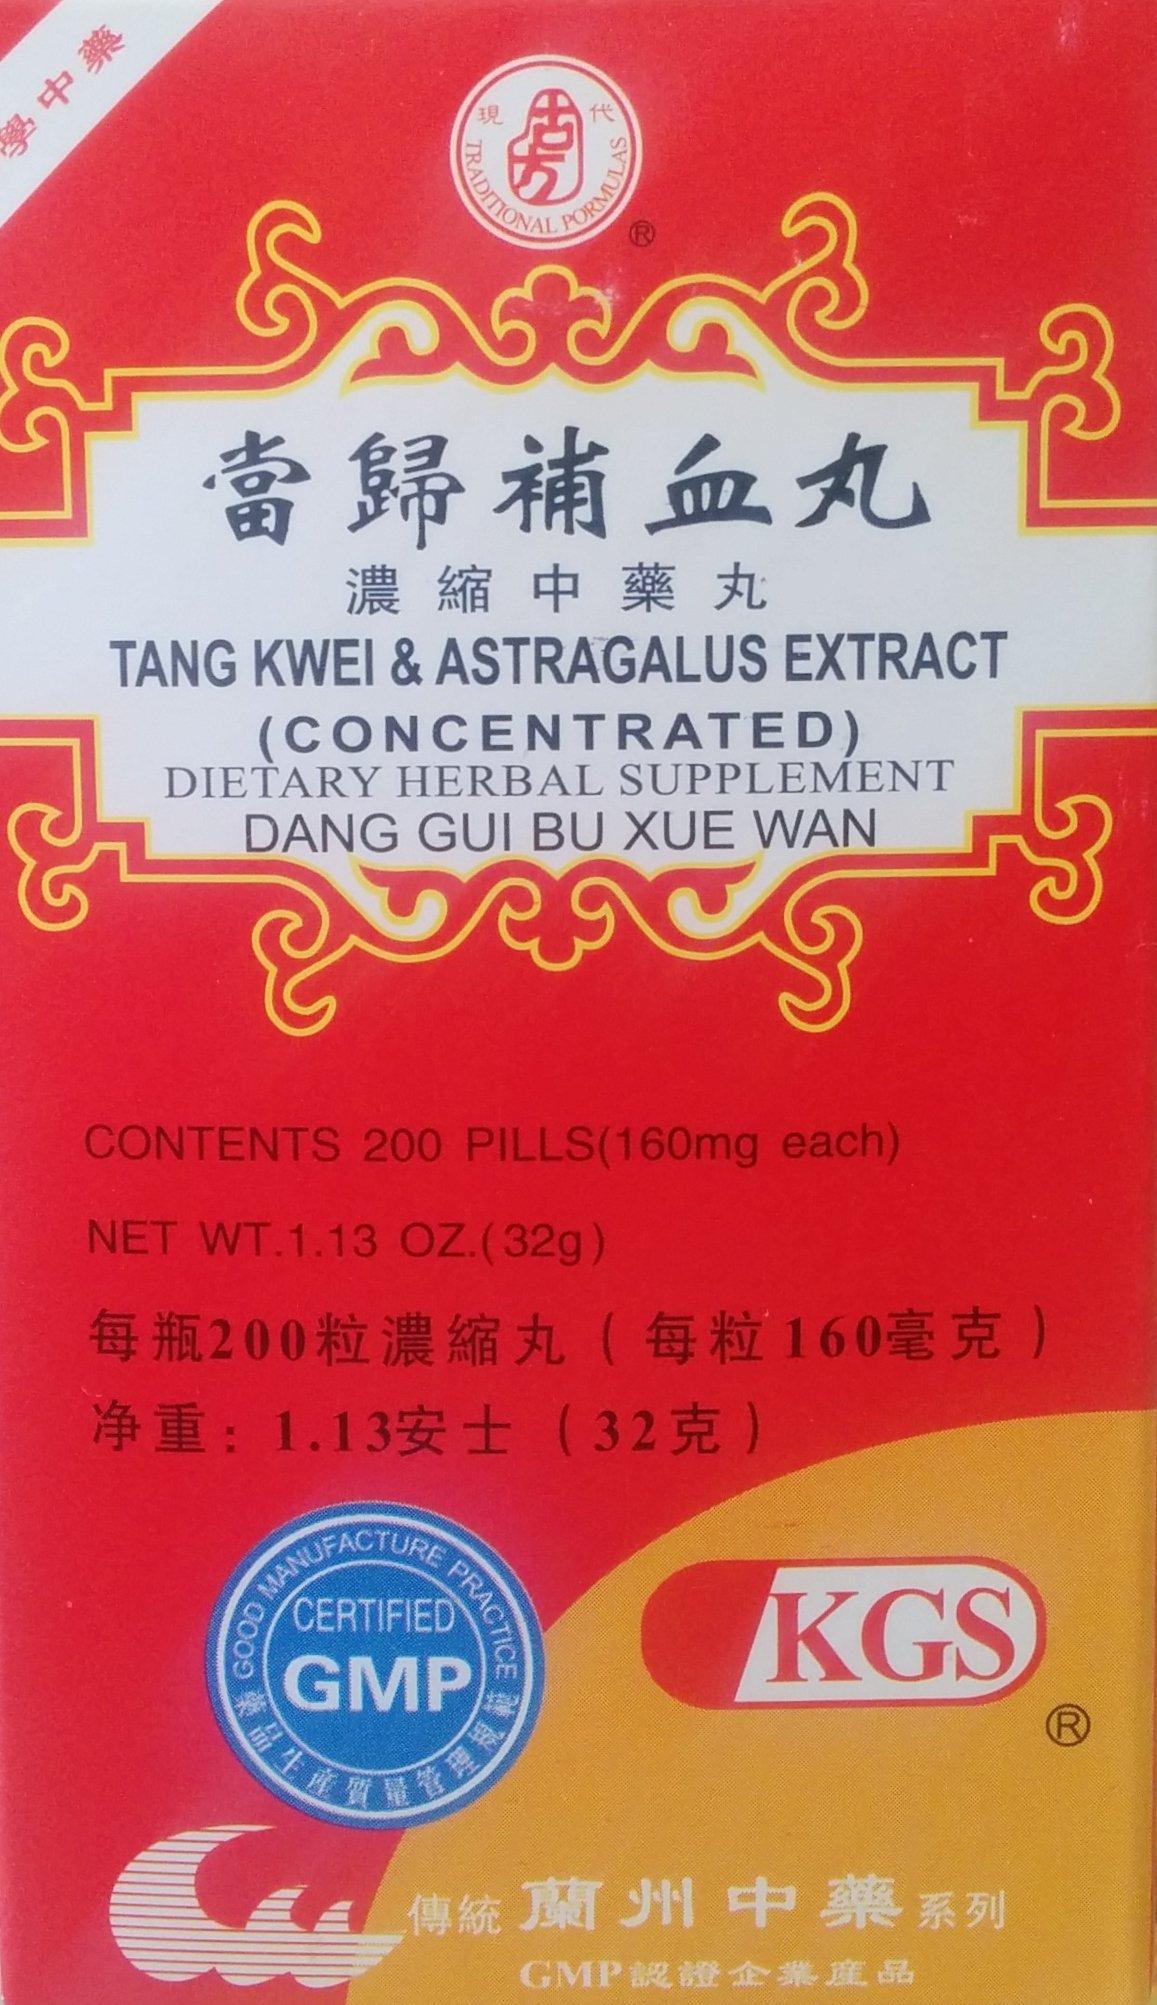 Tang Kwei & Astragalus Extract (Dang Gui Bu Xue Wan) 200 Pills X 12 Bottles